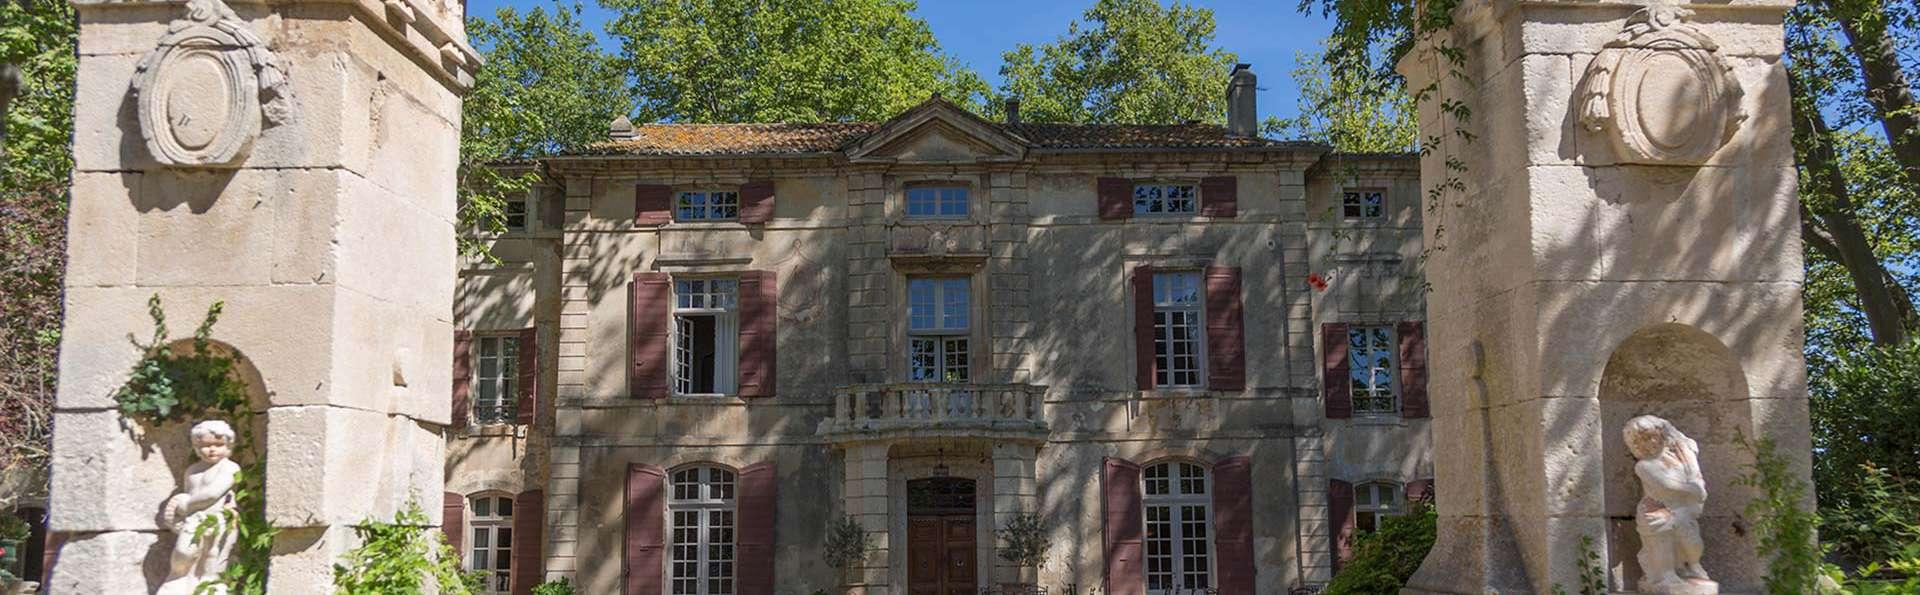 Château de Roussan - EDIT_NEW_FRONT_01.jpg